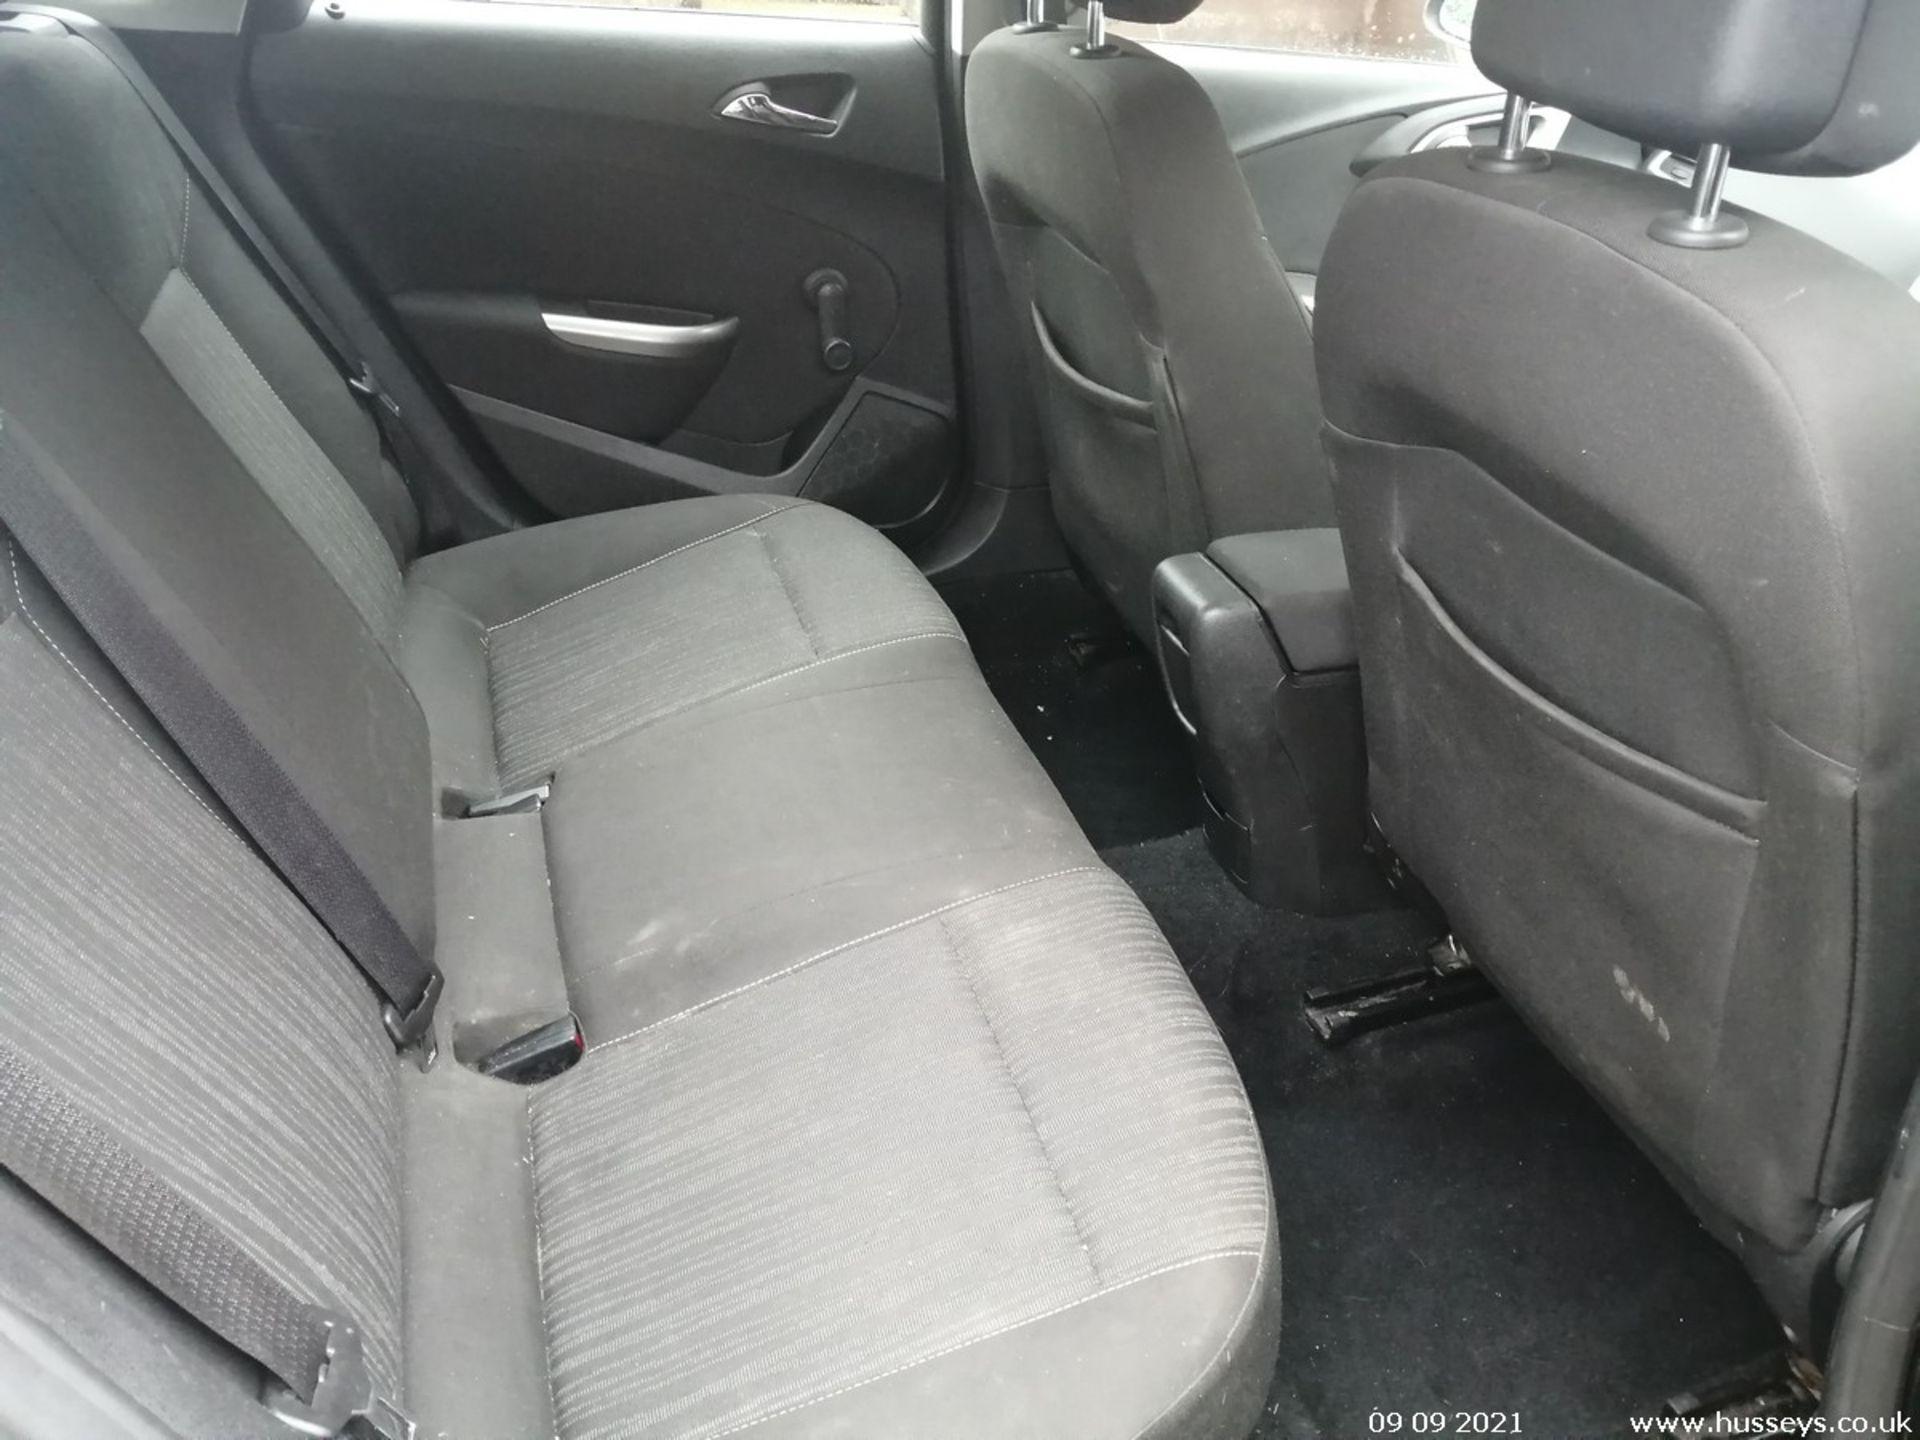 11/60 VAUXHALL ASTRA EXCLUSIV 98 - 1398cc 5dr Hatchback (Black, 124k) - Image 11 of 11